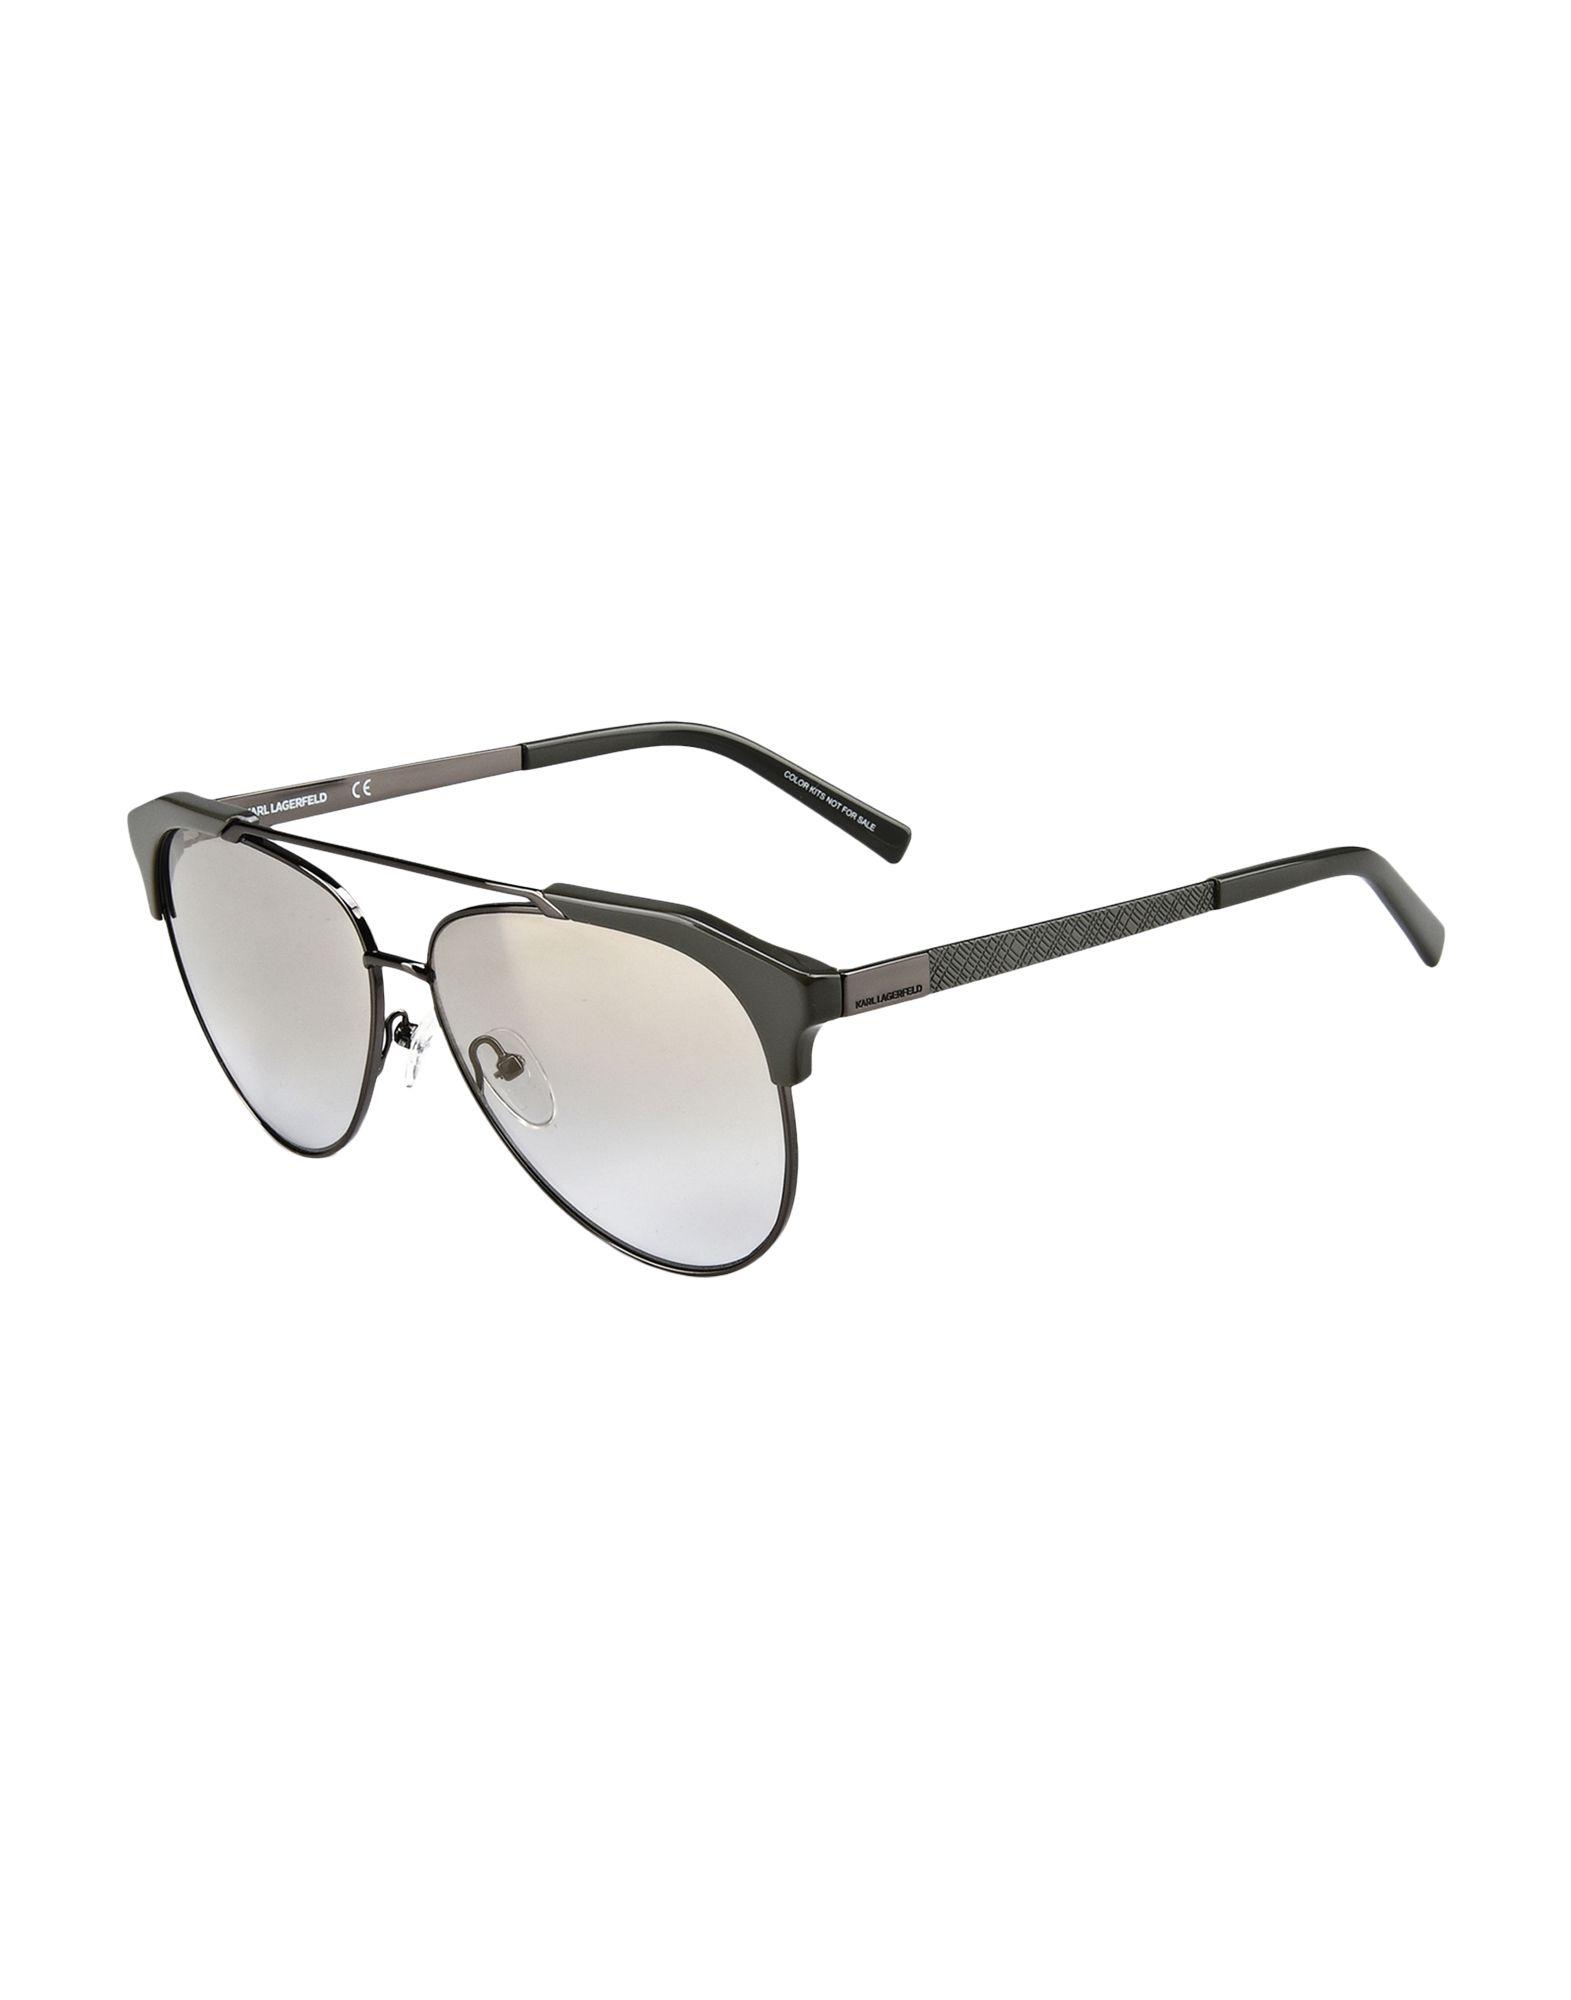 KARL LAGERFELD Солнечные очки солцезащитные очки